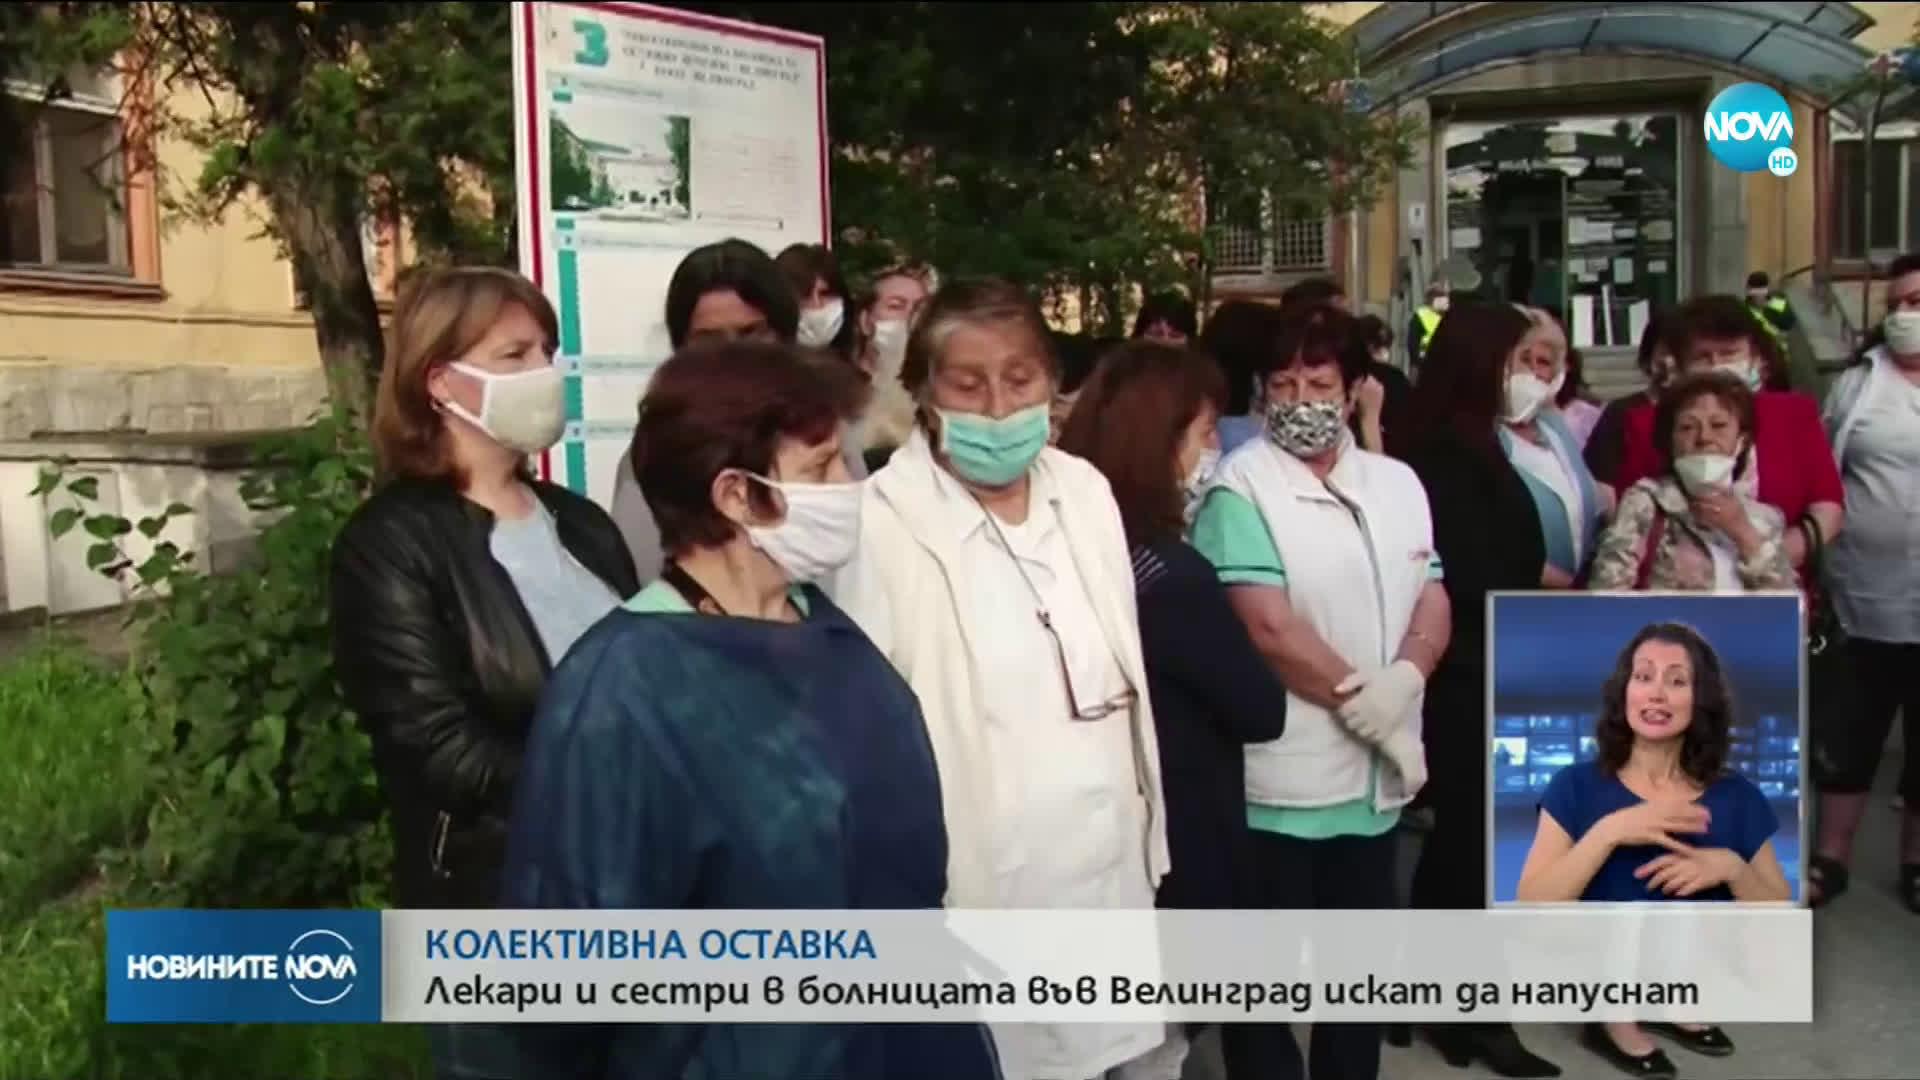 ПО ВРЕМЕ НА ЕПИДЕМИЯ: Колективна оставка в болницата във Велинград